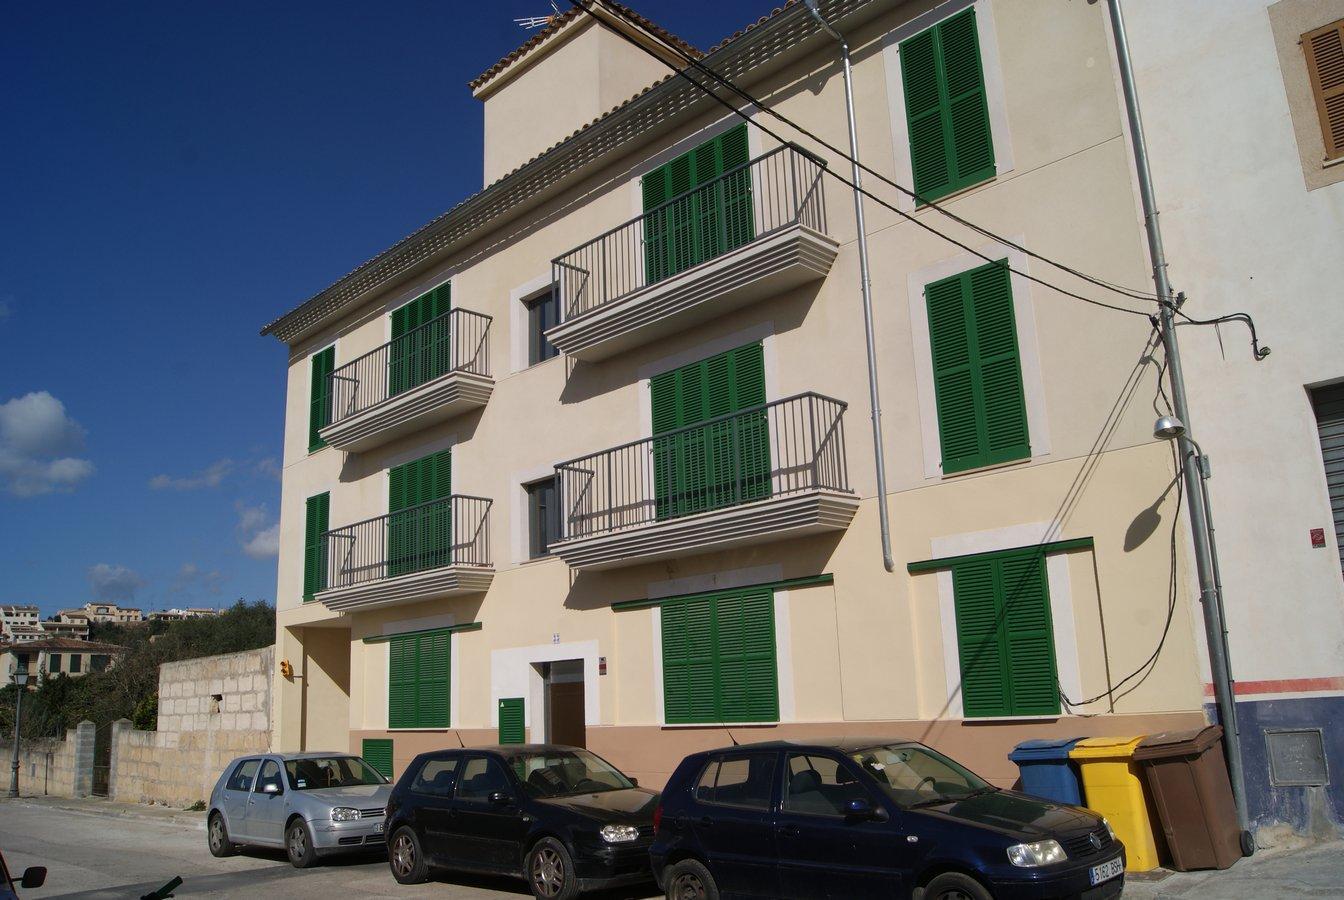 Flat  Calle carrer jaume ii. Fantásticos pisos de nueva promoción, a estrenar, situados en pr